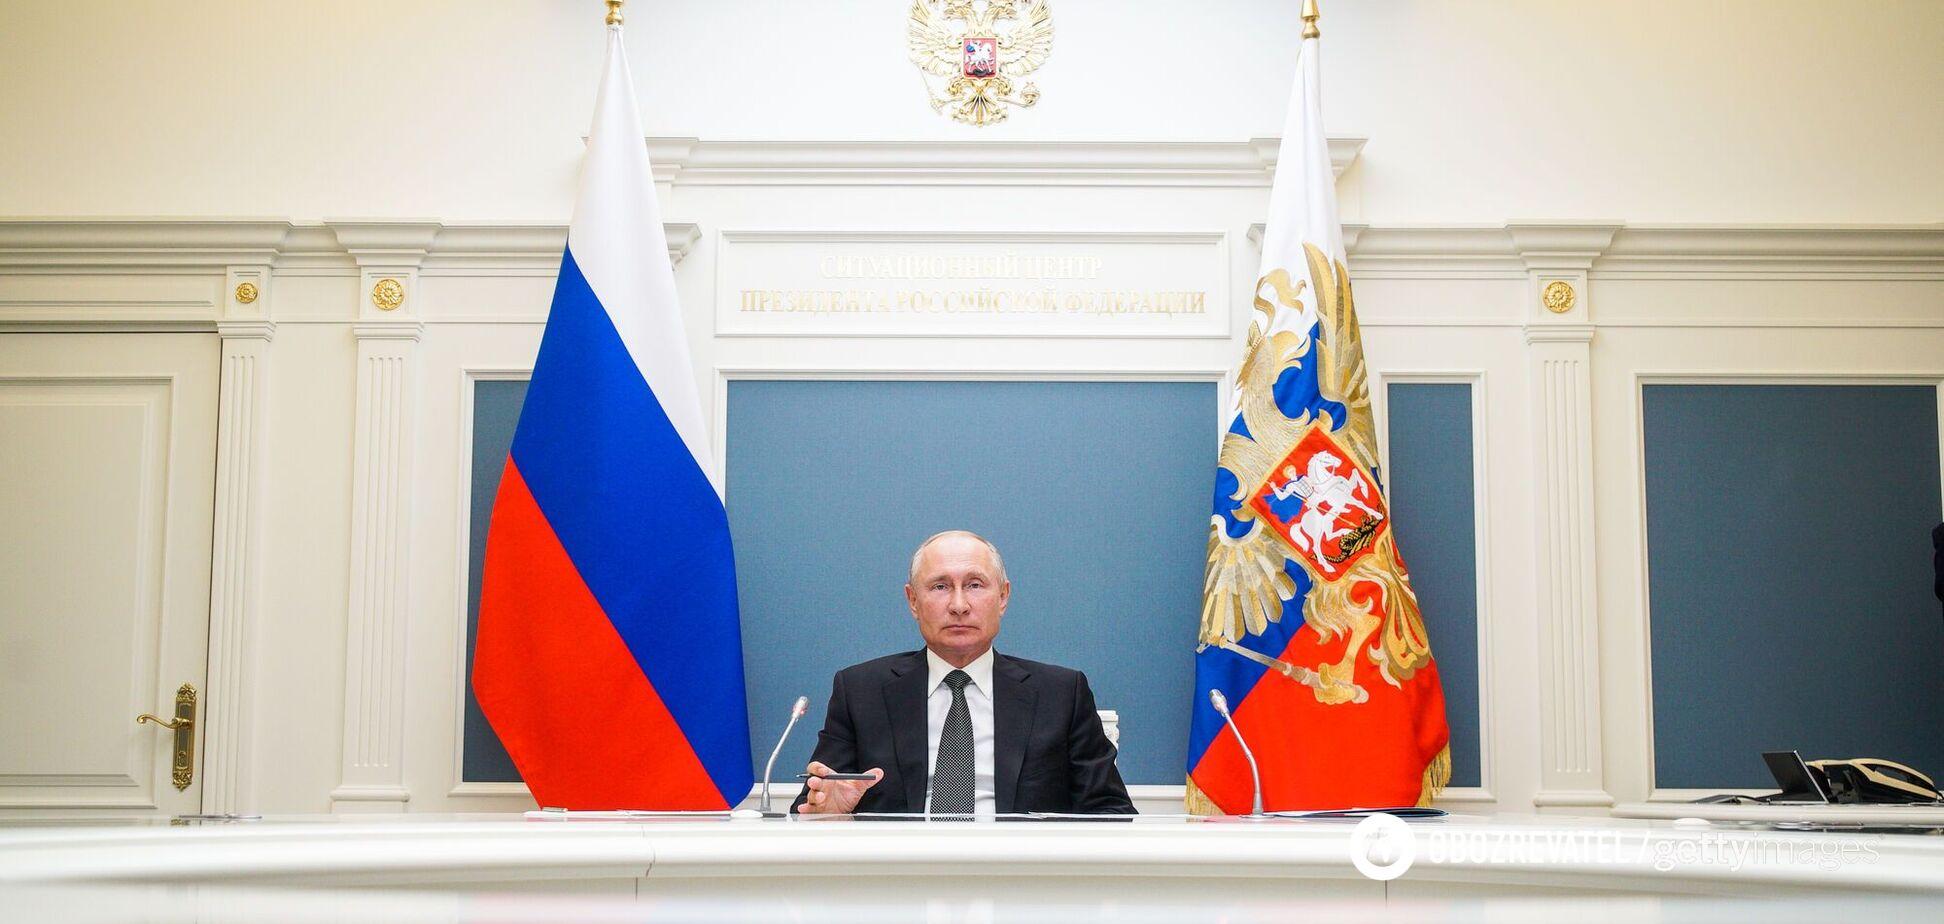 Владимир Путин находится у власти в России уже 20 лет